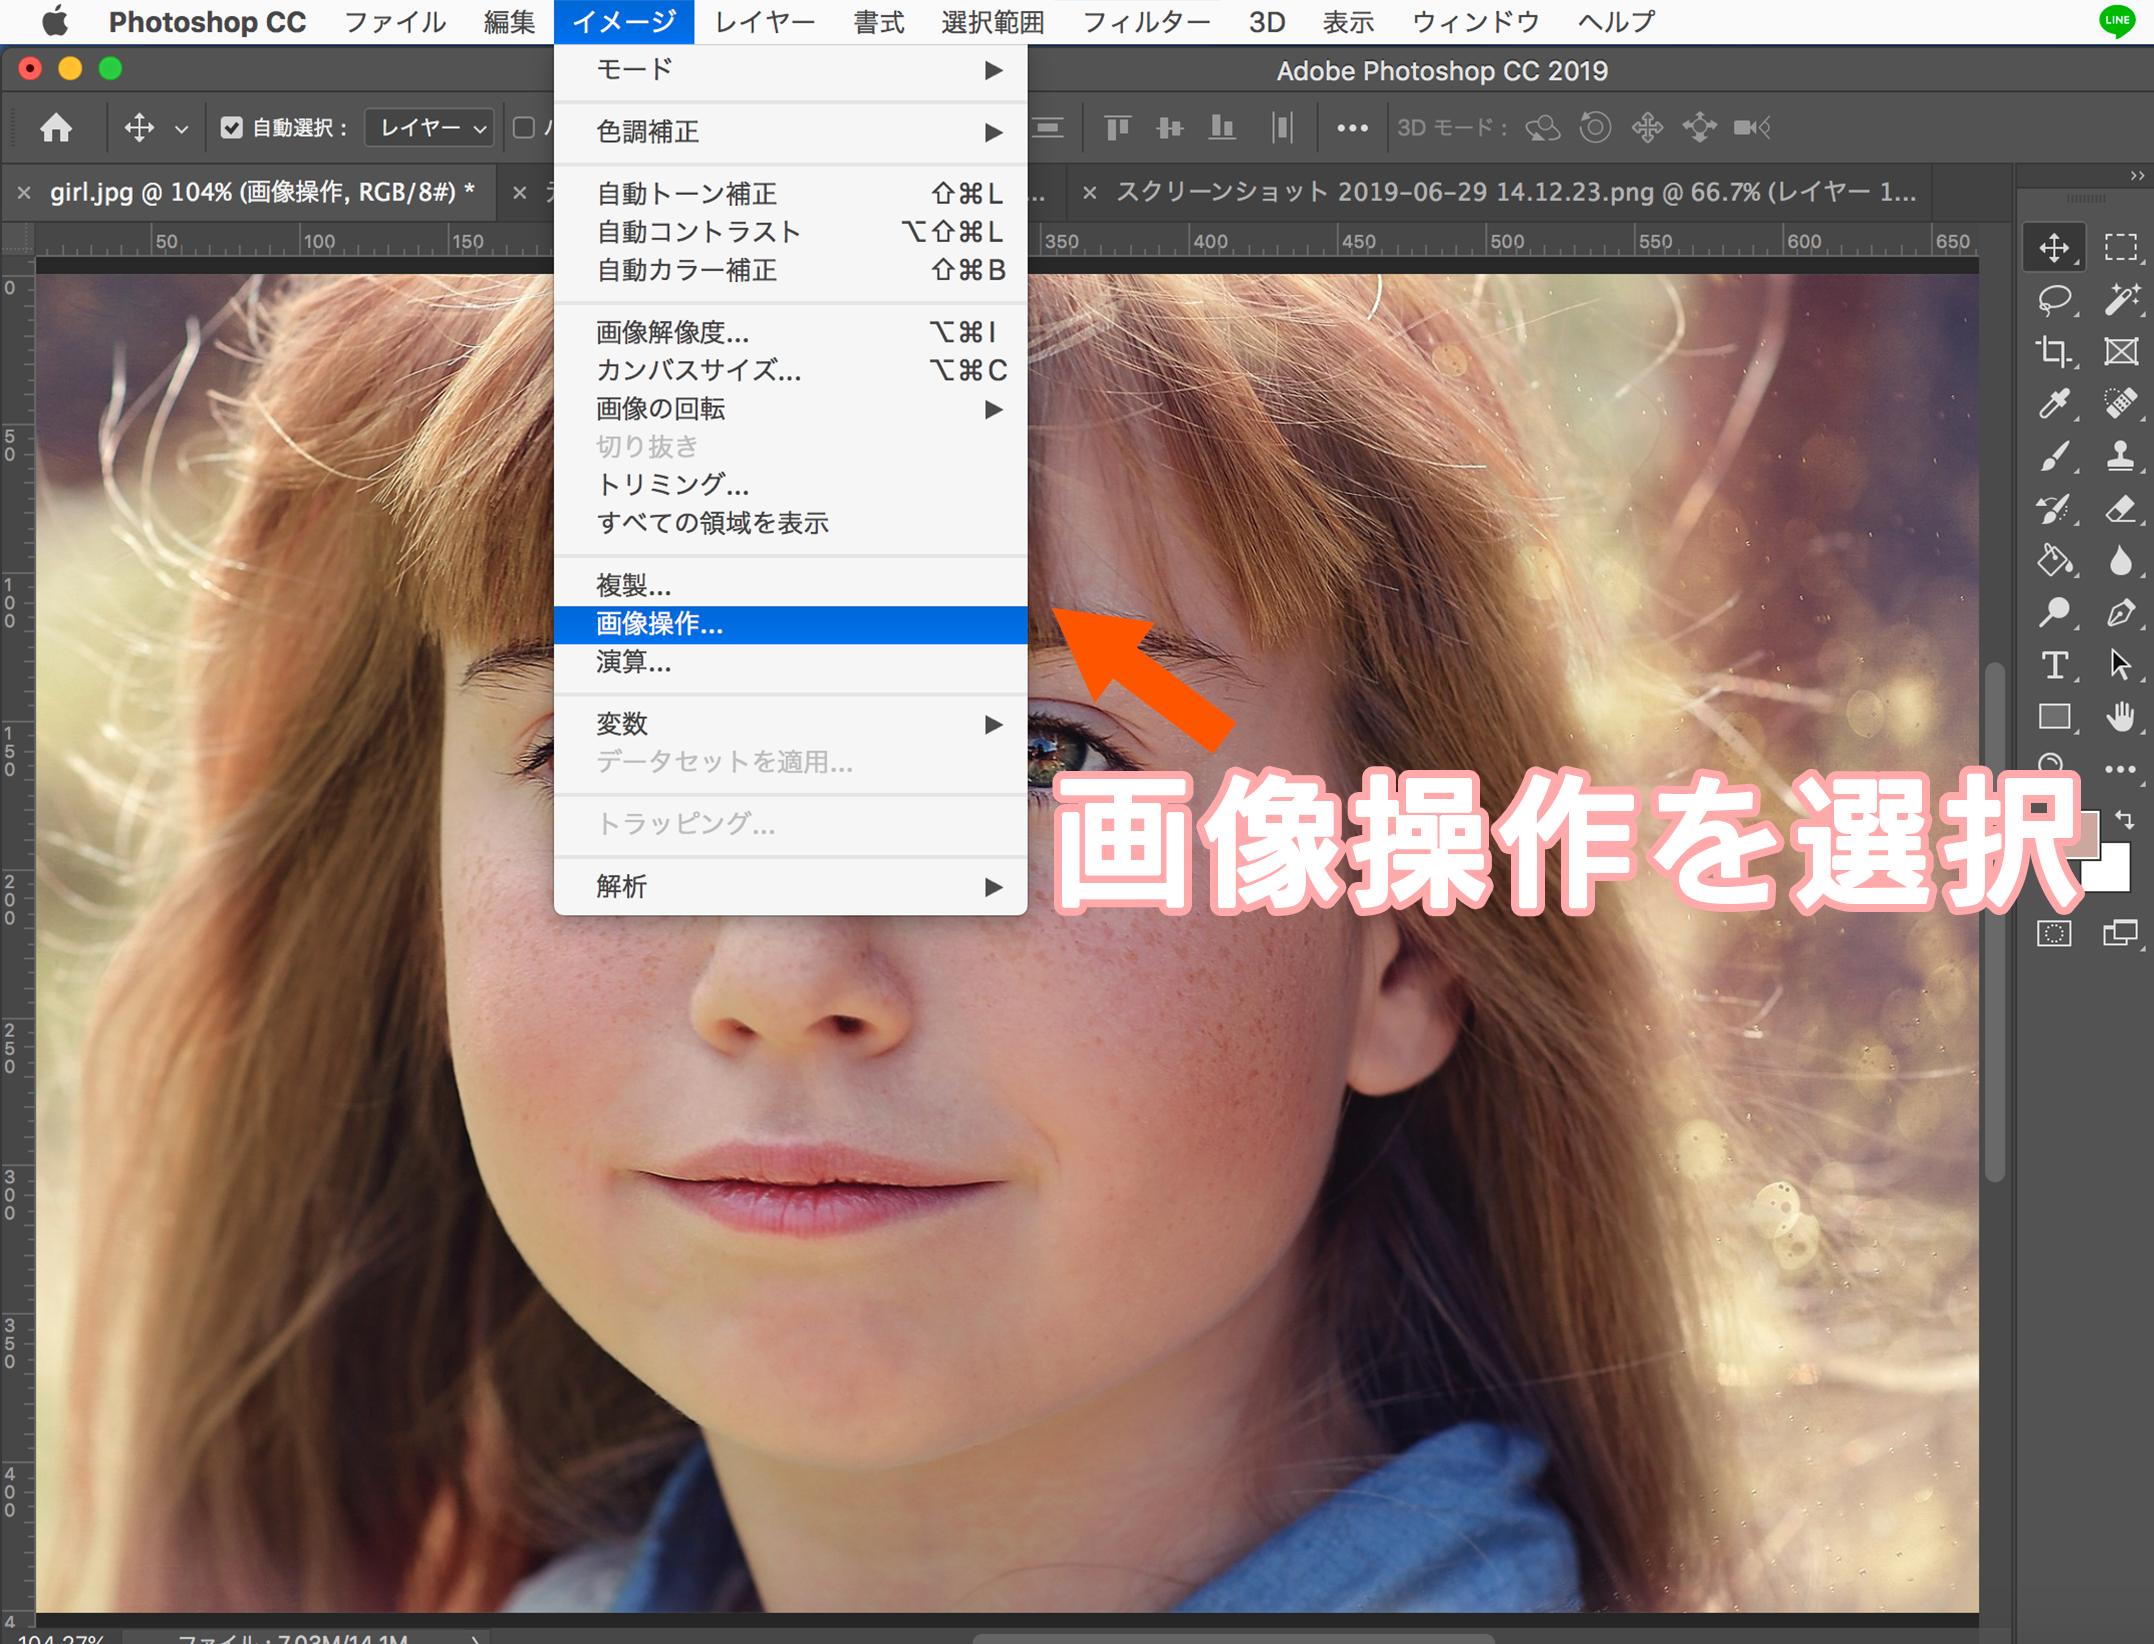 photoshopで人物の肌を綺麗に加工する画像の画像操作